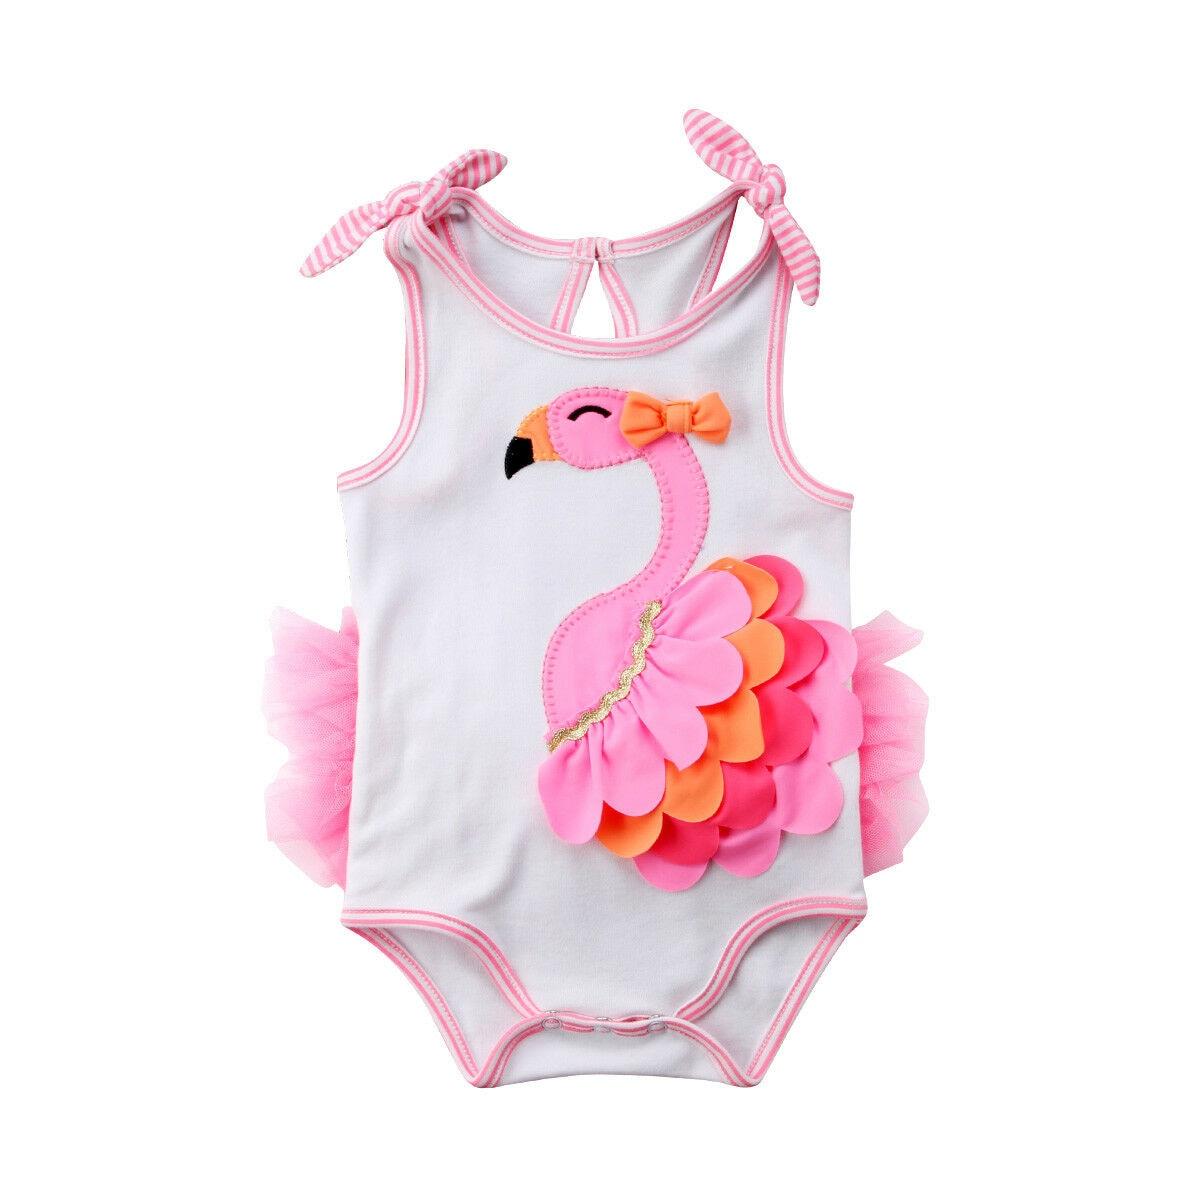 Flamingo Newborn Baby Girl Cartoon Swimwear One Pieces Bathing Suit Beachwear Swimming Costume 0-18MFlamingo Newborn Baby Girl Cartoon Swimwear One Pieces Bathing Suit Beachwear Swimming Costume 0-18M